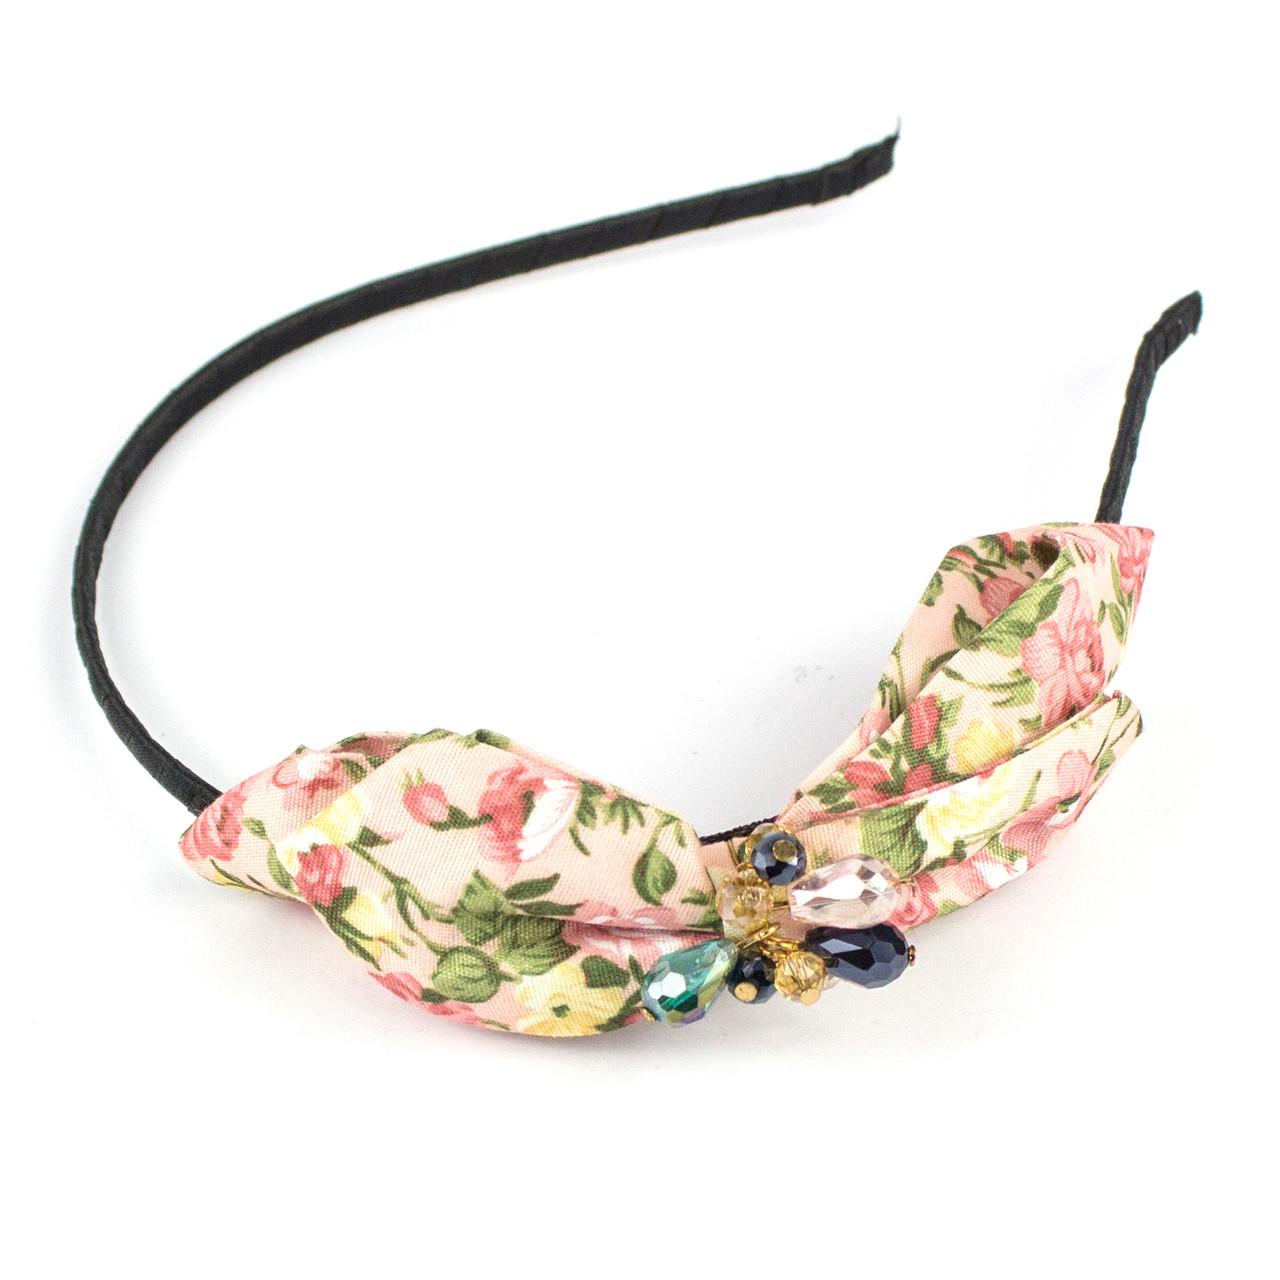 Обруч для волос с хлопковым цветочным бантом и бусинами Floral